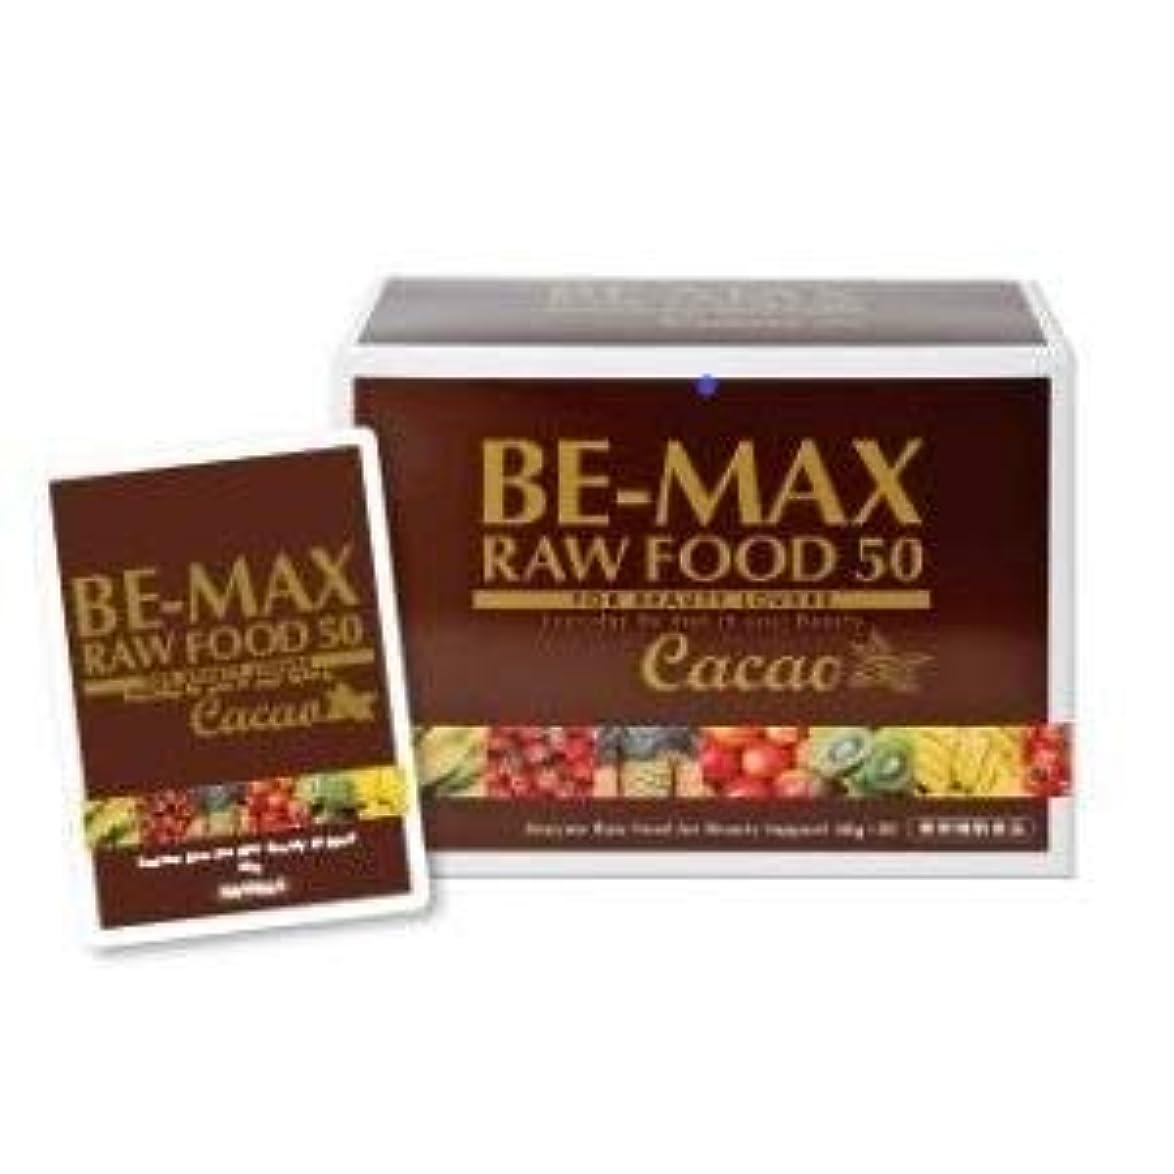 兵隊ハードリング除去BE-MAX RAW FOOD 50 Cacao ローフード 50 カカオ